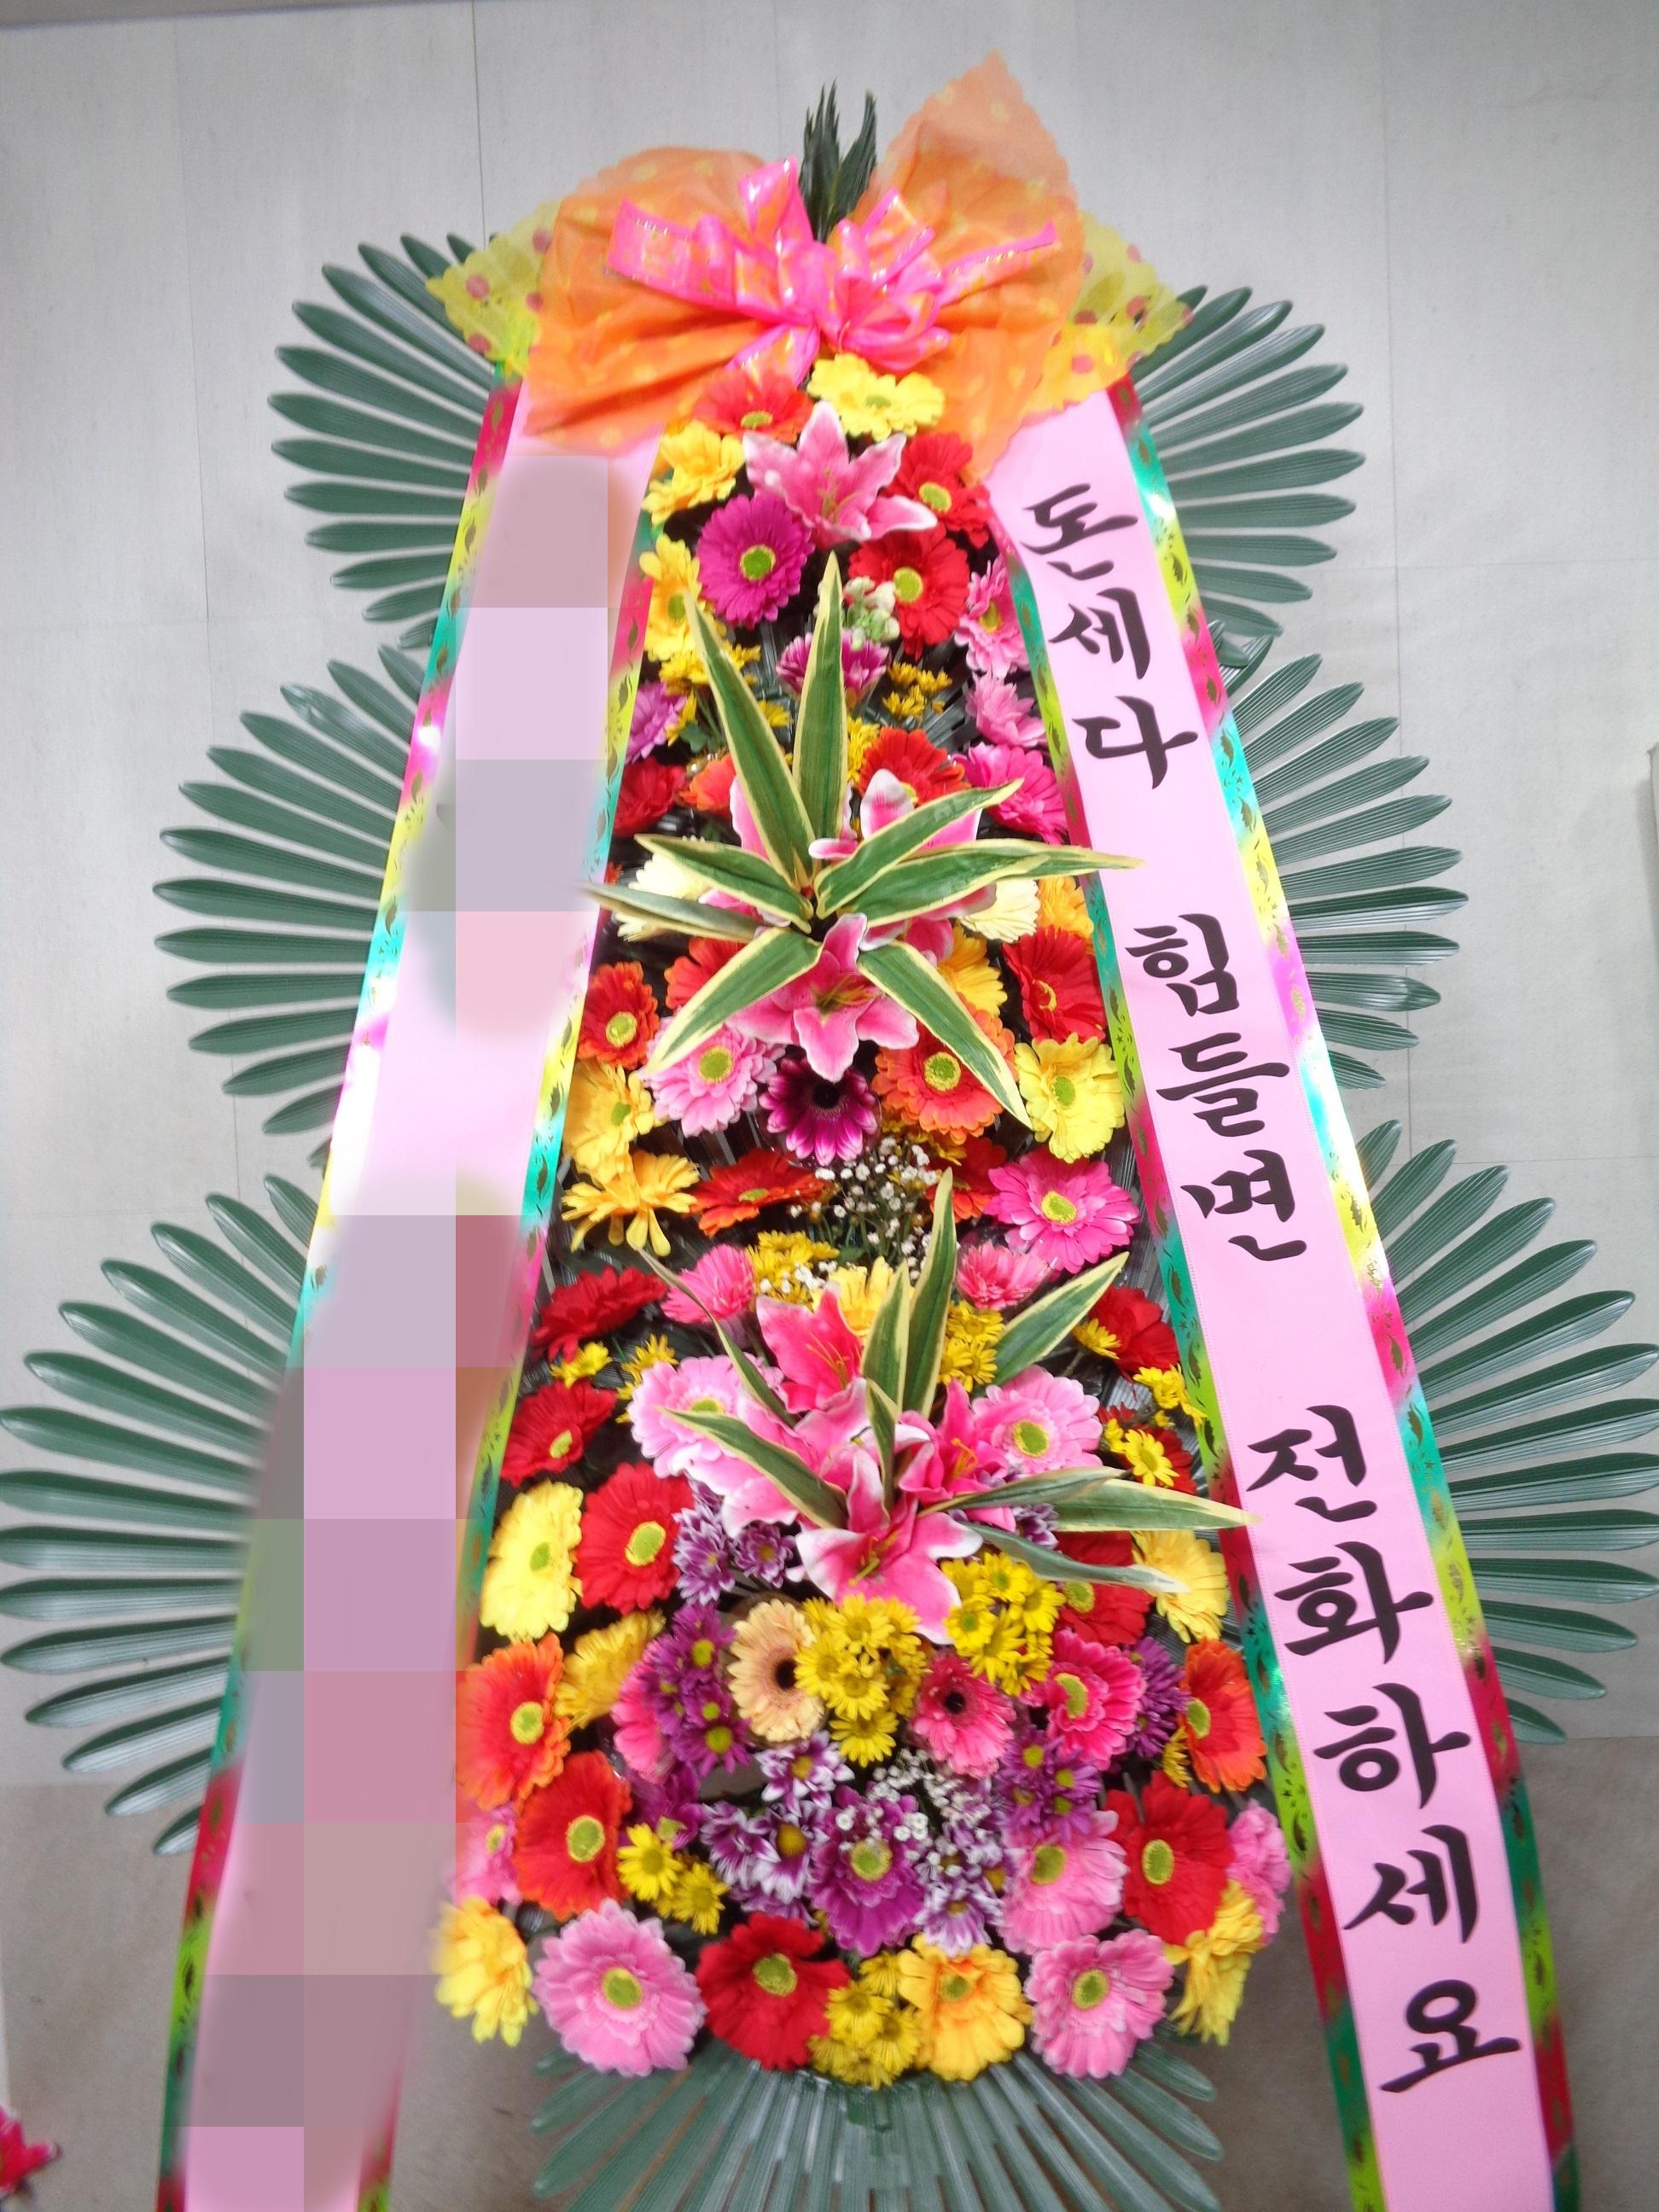 주문자:강00/대전 동구 배송된 상품 사진입니다